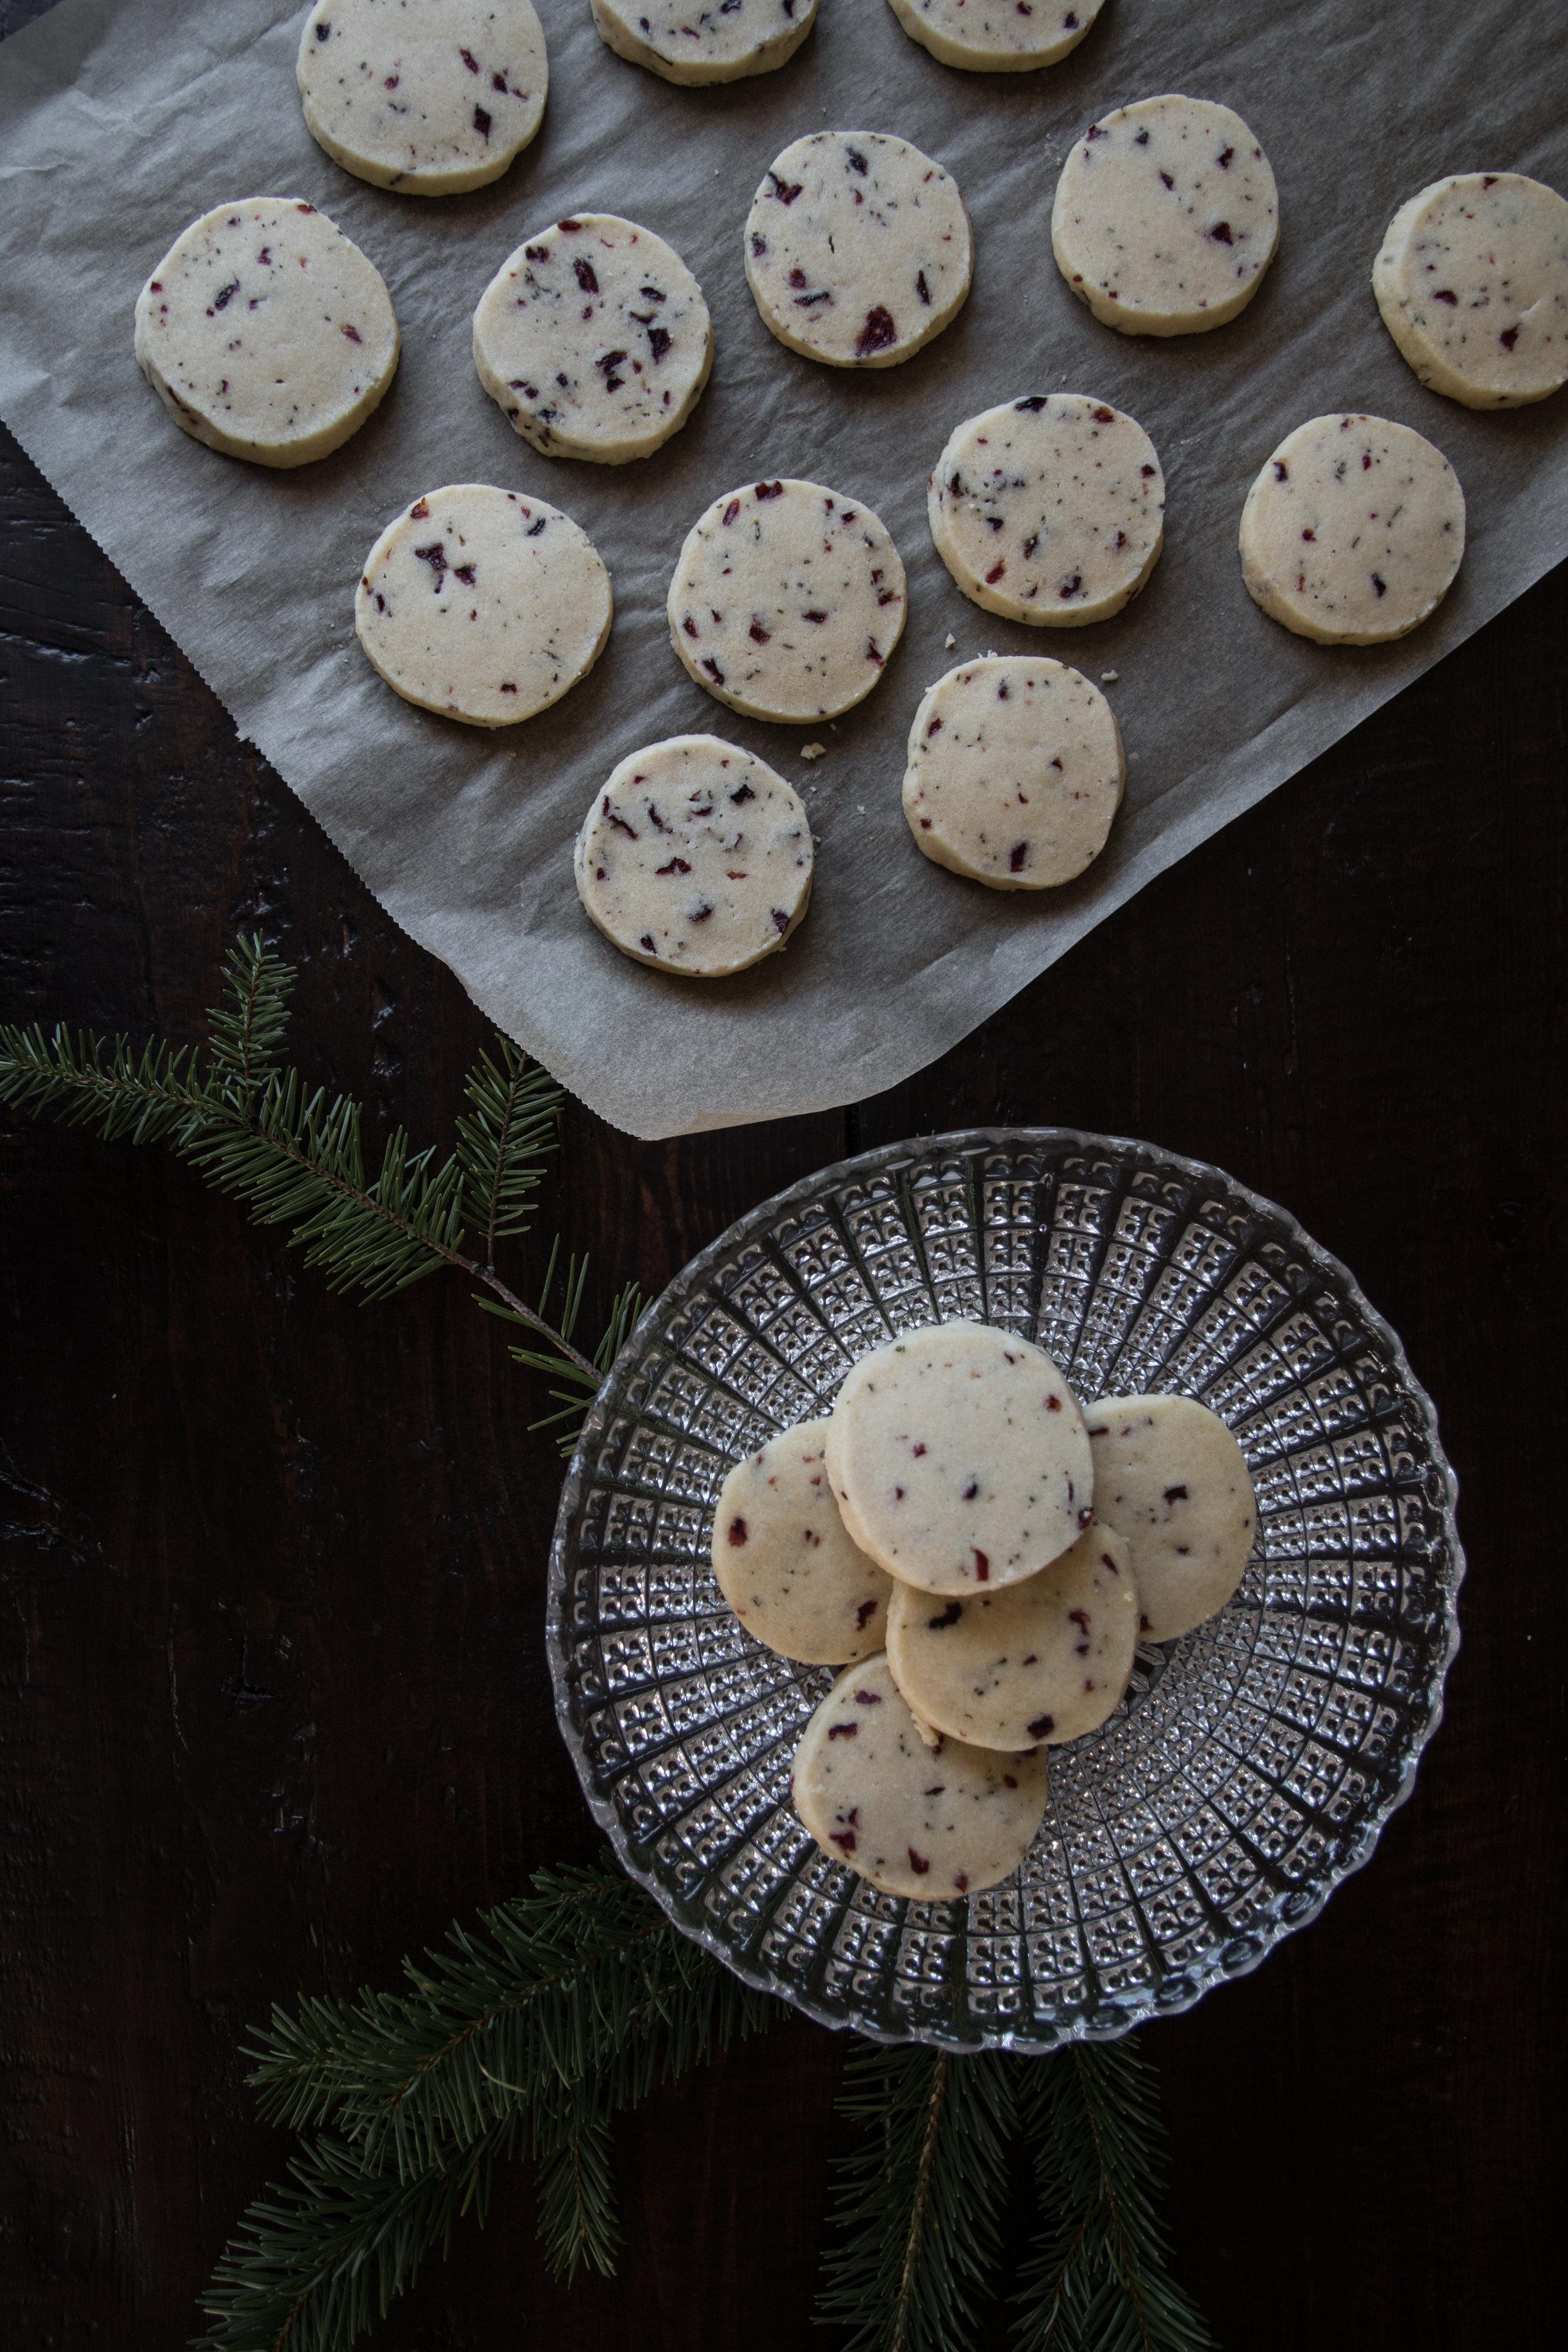 rosemarycranberrycookies.jpg